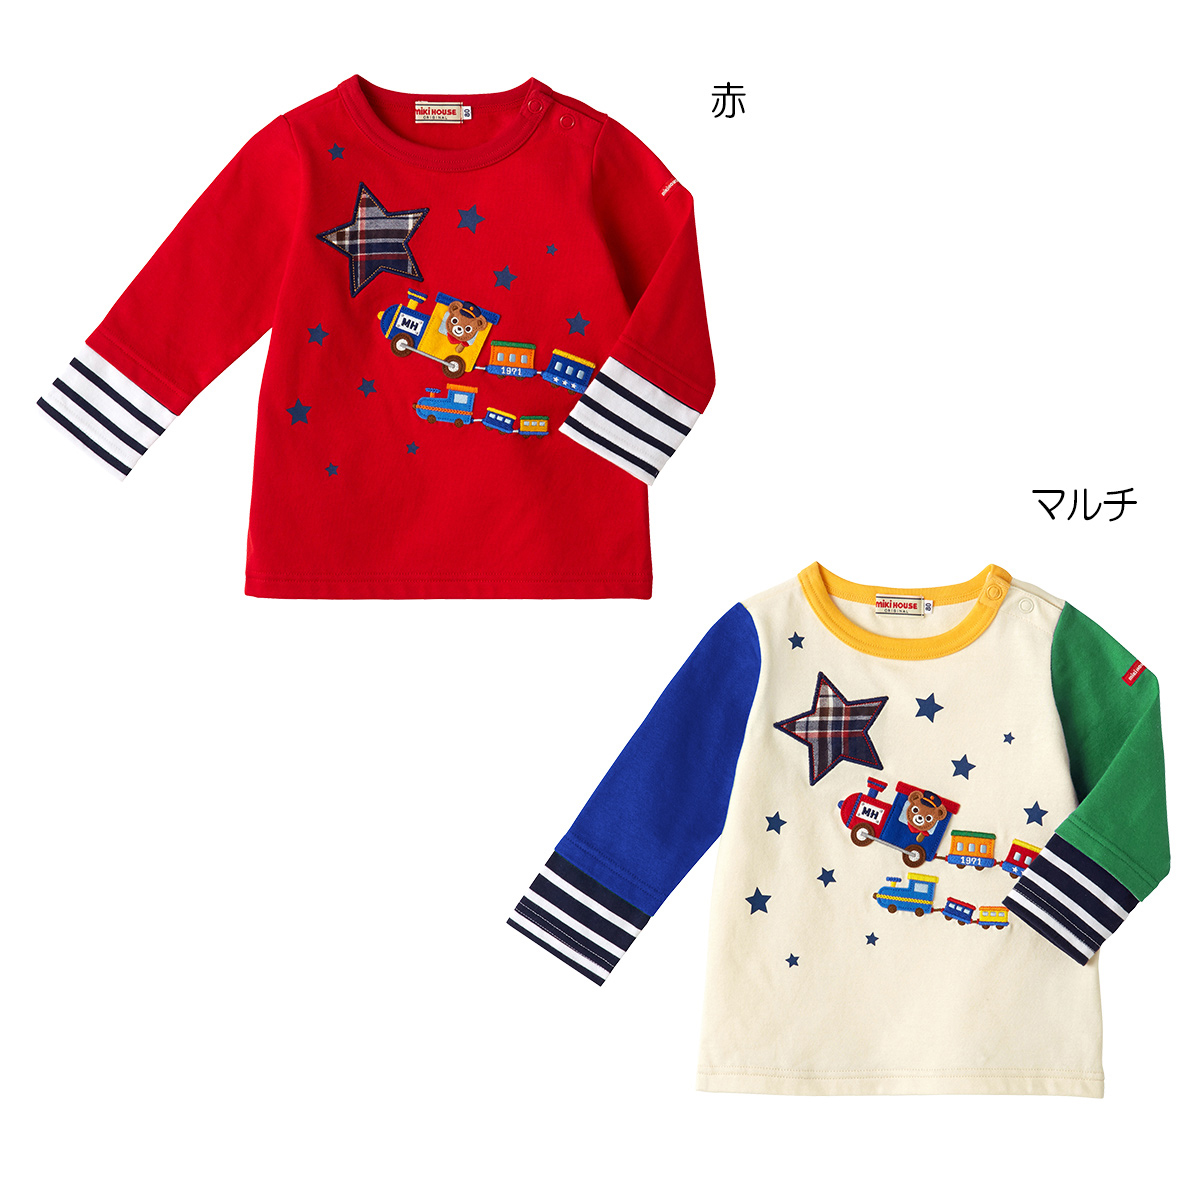 【アウトレット】ミキハウス mikihouse 汽車ポッポ プッチー長袖Tシャツ(110cm・120cm・130cm) 男の子 長そで ボーイズ こども 子供服